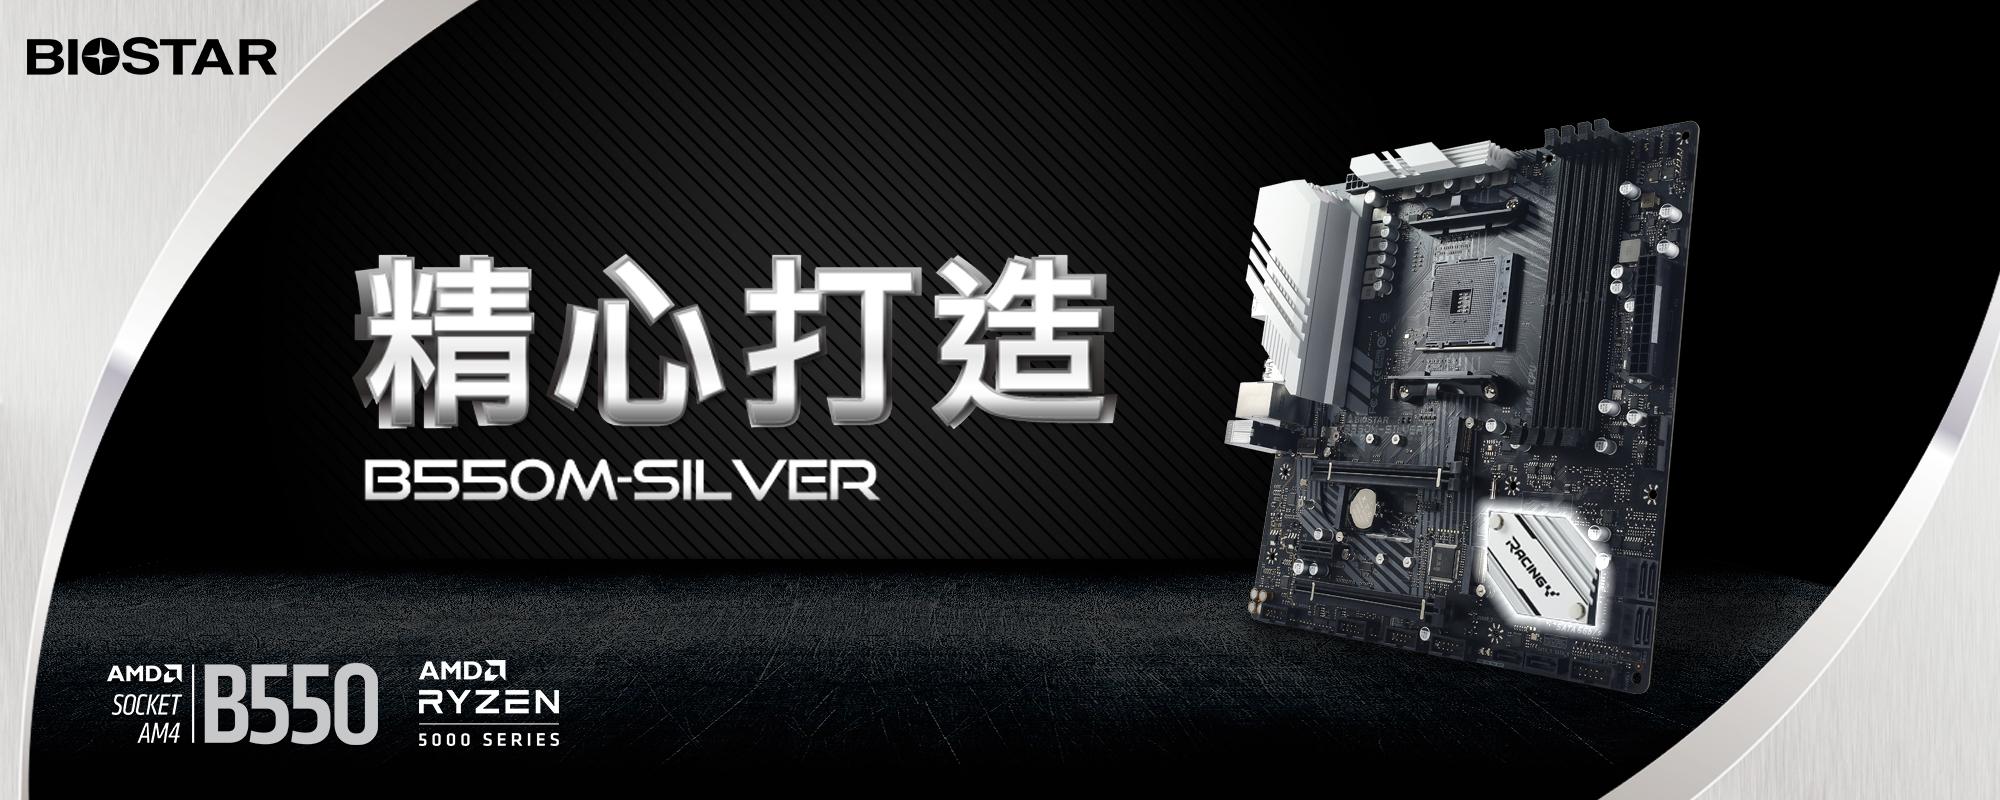 BIOSTAR_B550M-SILVER